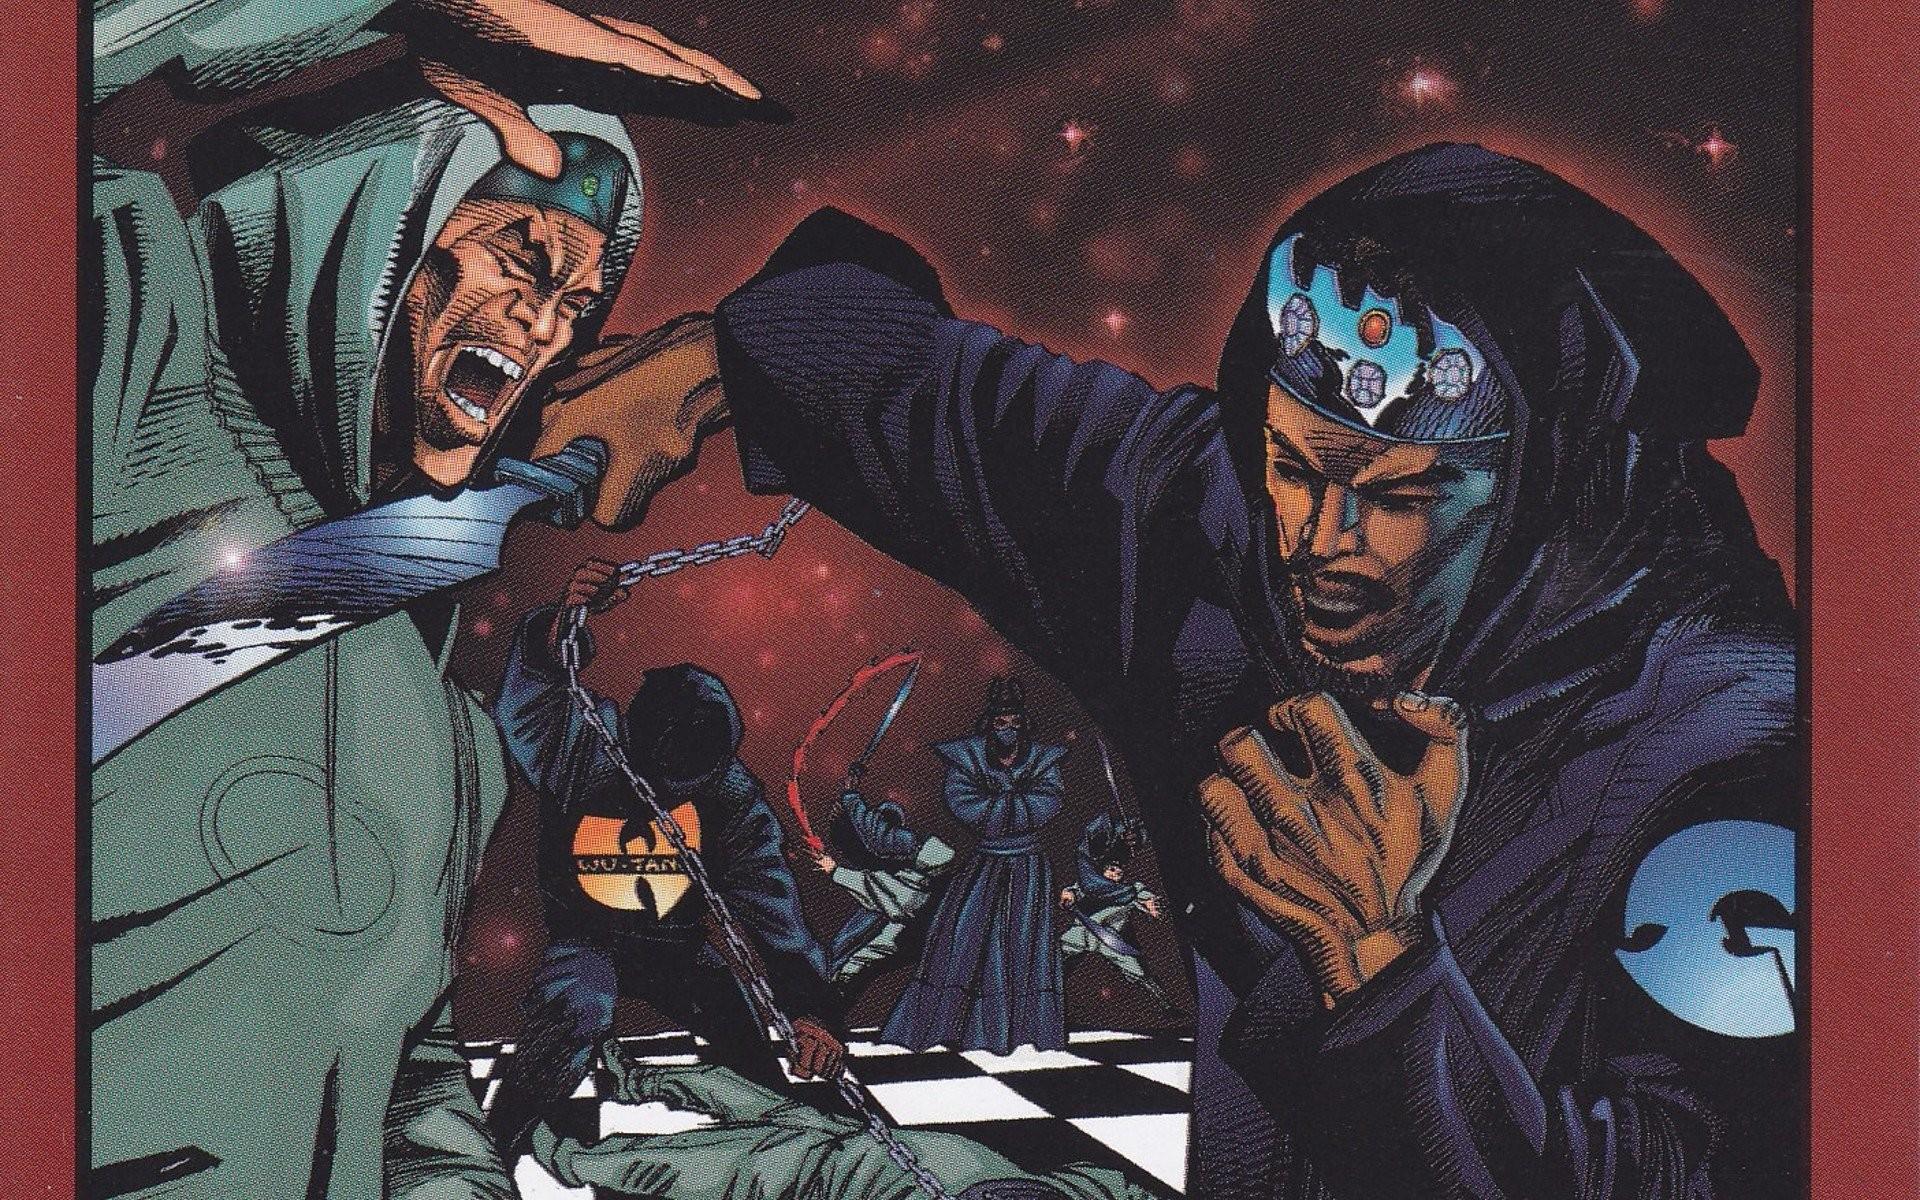 Music – Gza Wu-Tang Clan Hip Hop Rap Wallpaper